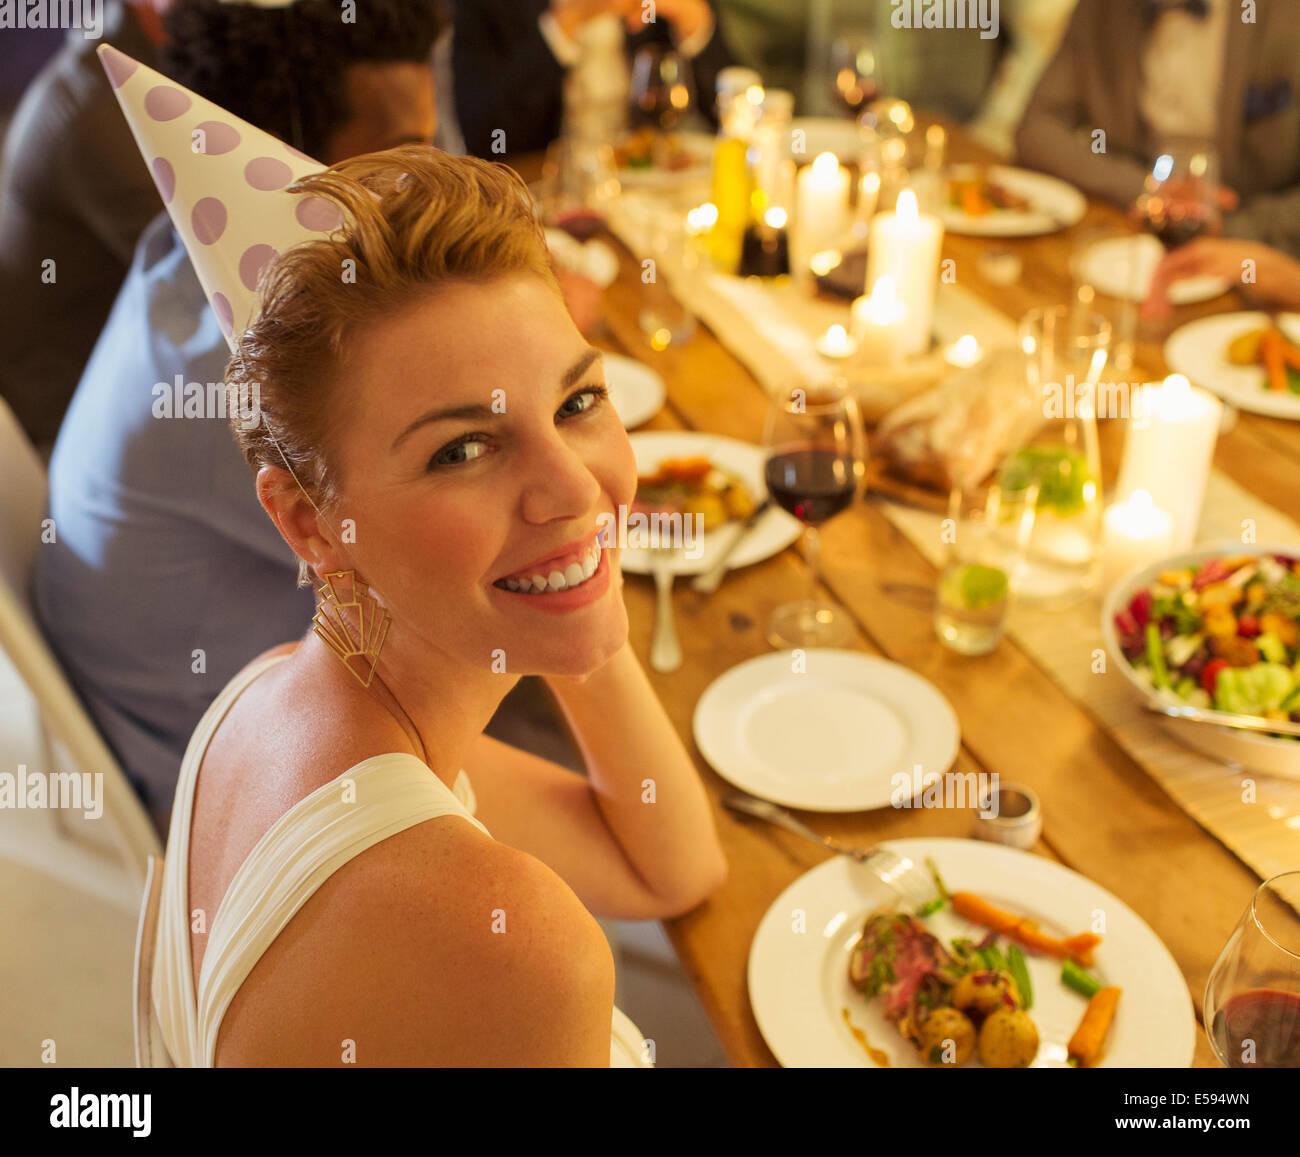 Donna sorridente alla festa di compleanno Immagini Stock